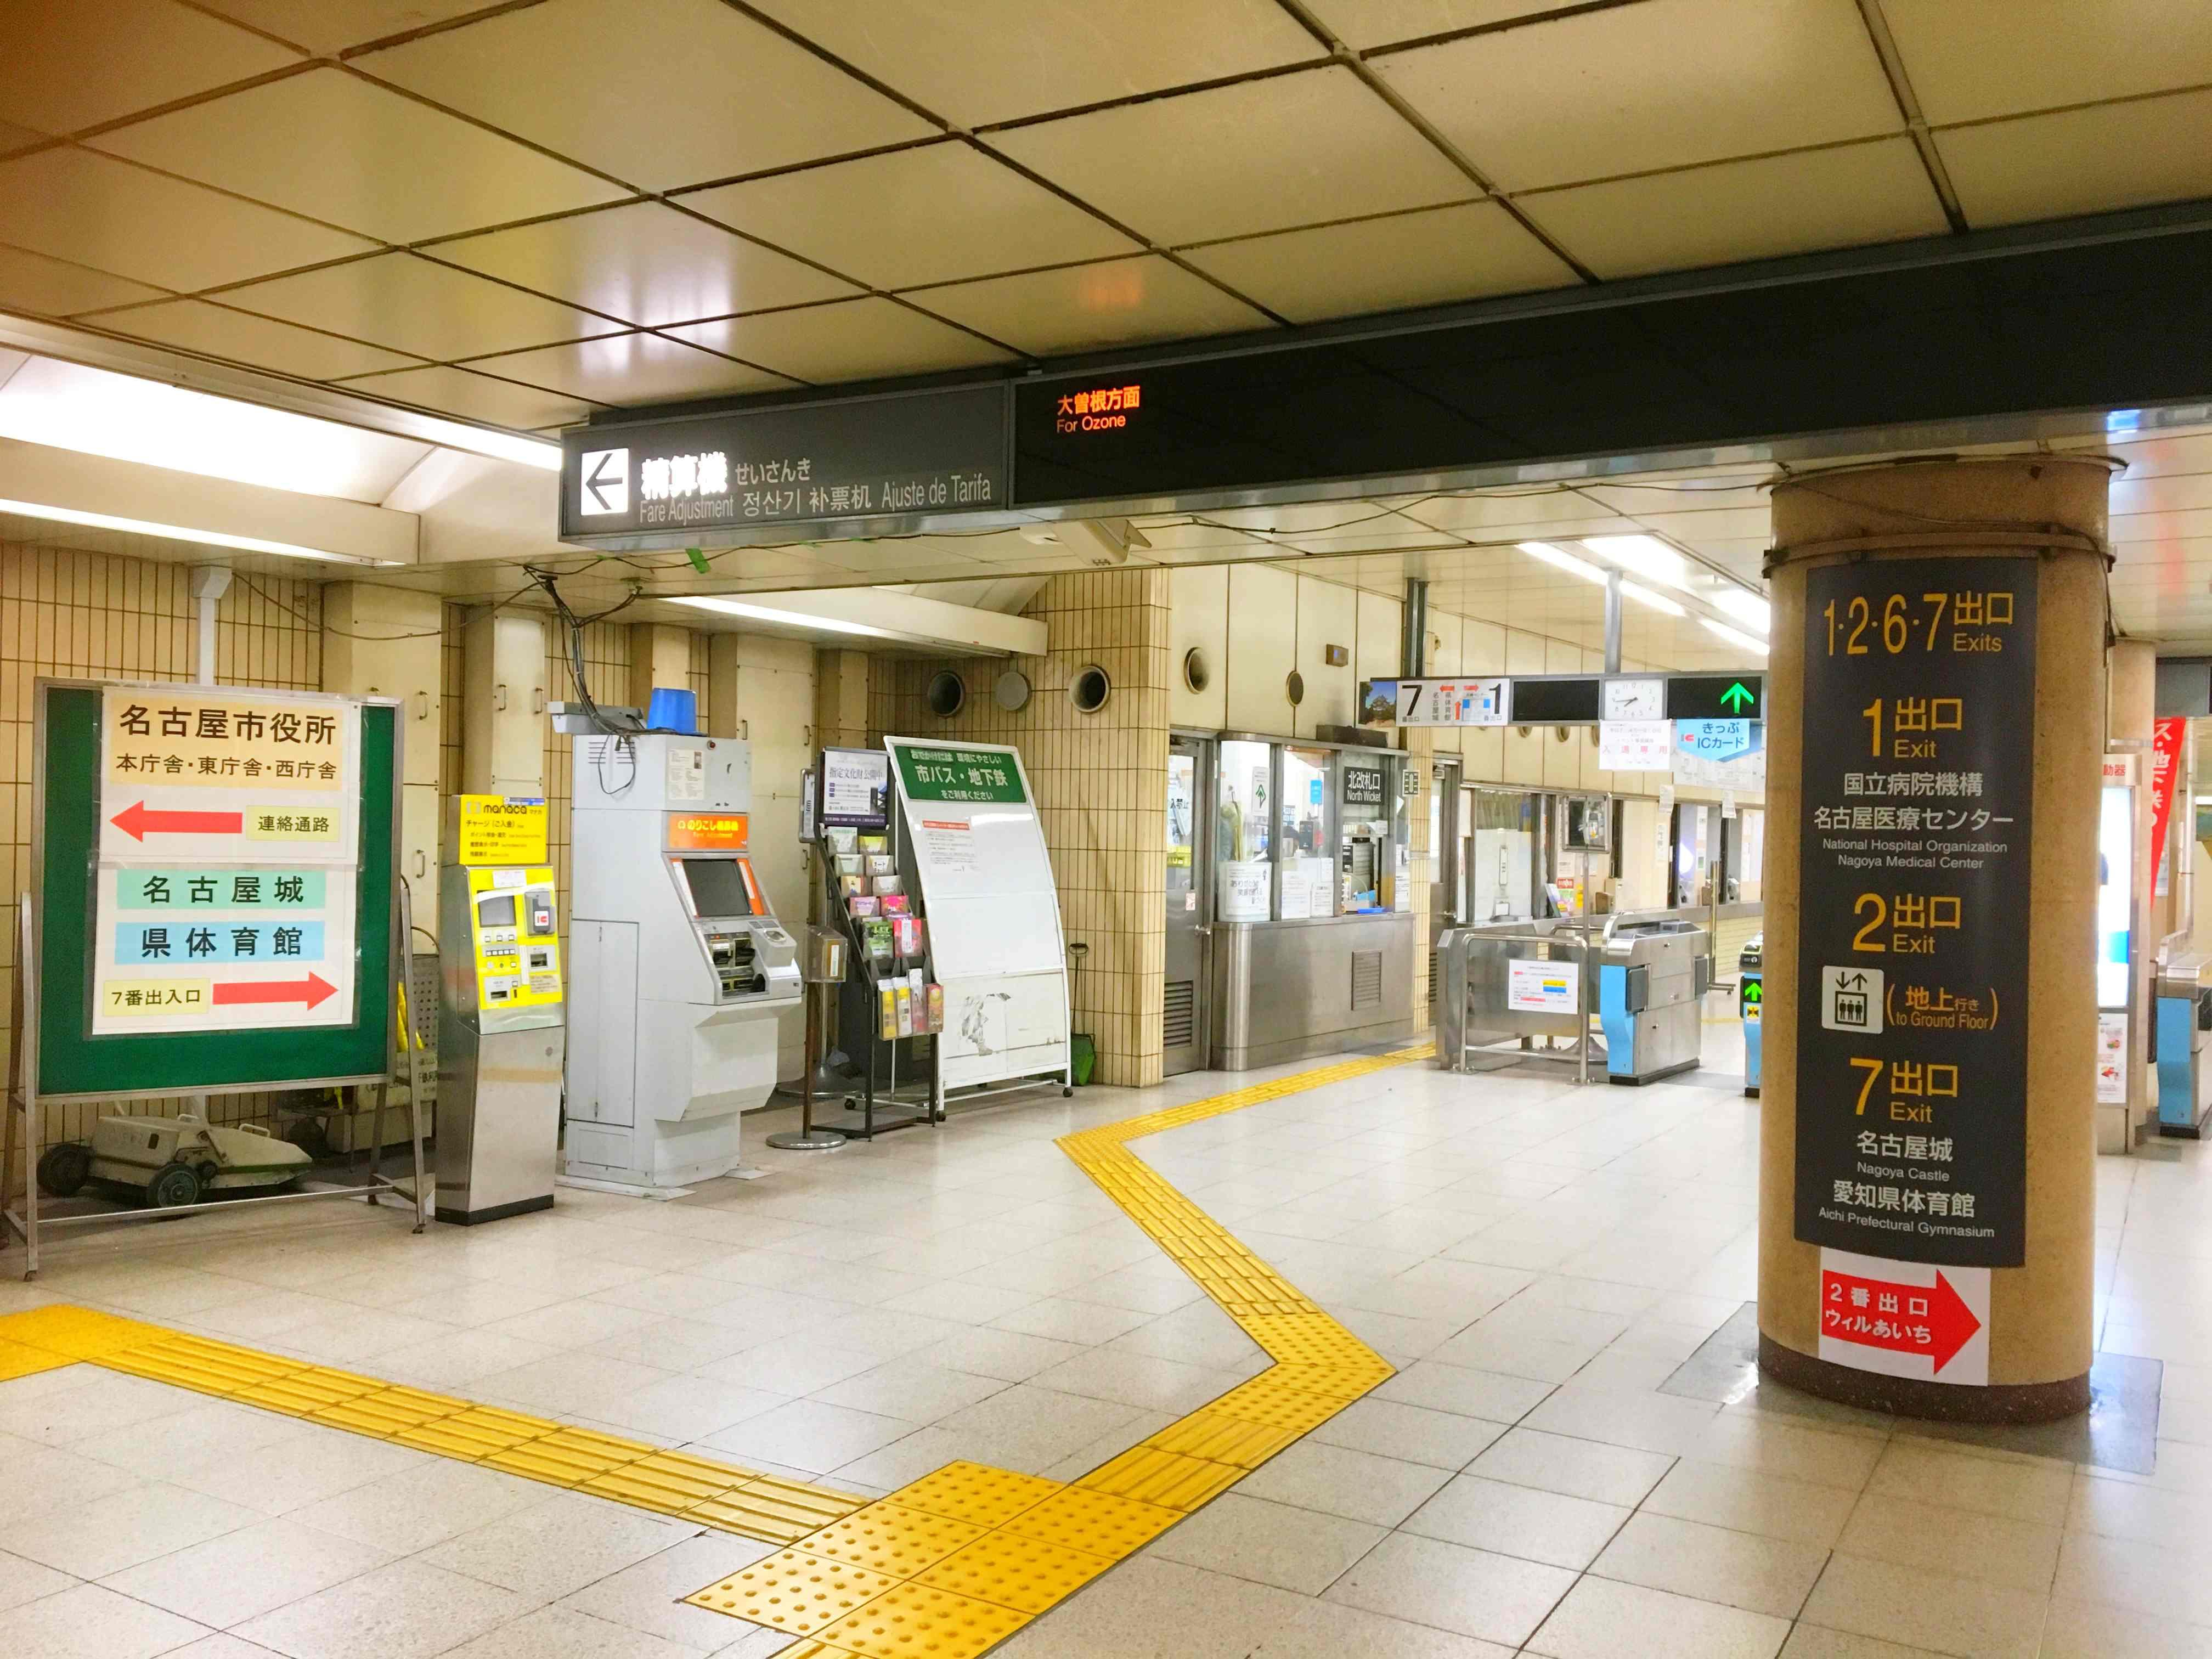 駅のアナウンスを名古屋弁で放送。日本三大美方言の上町言葉を使用 - IMG 1899